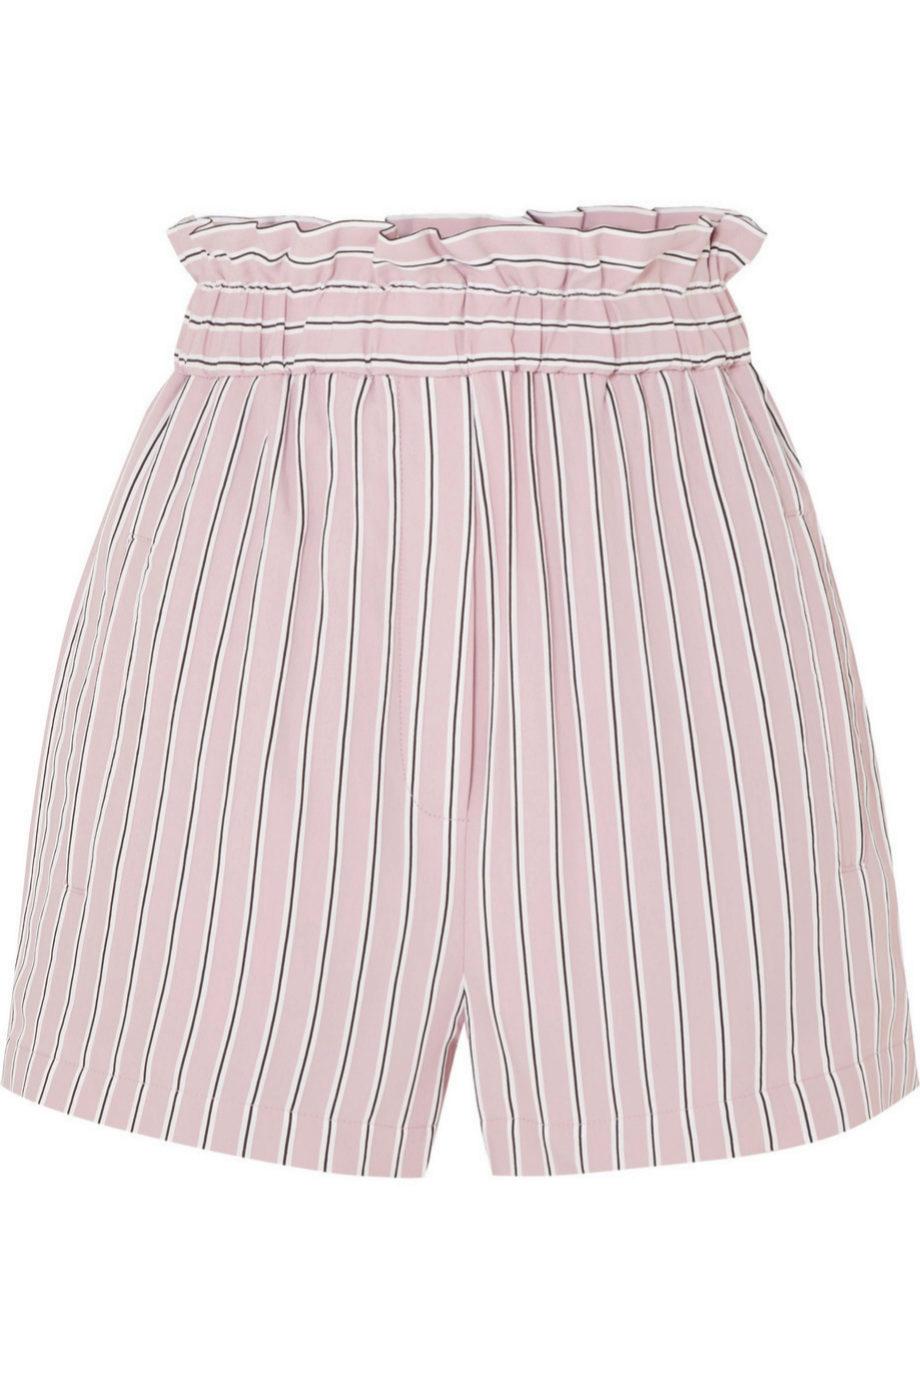 Shorts de rayas de Tibi